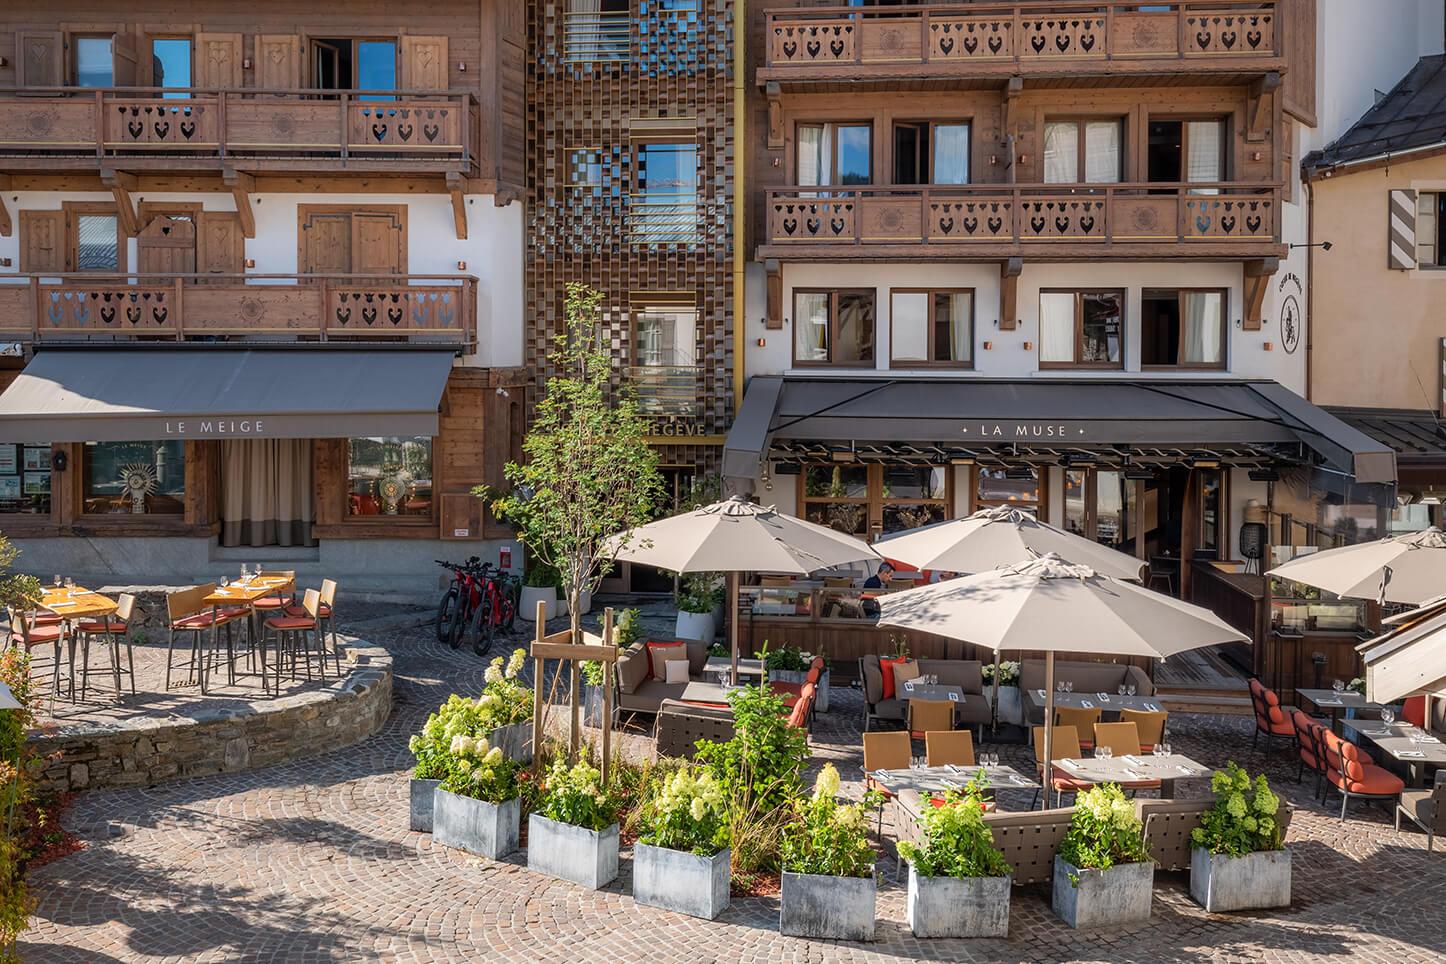 Terrasse extérieure du restaurant La Muse vue de haut